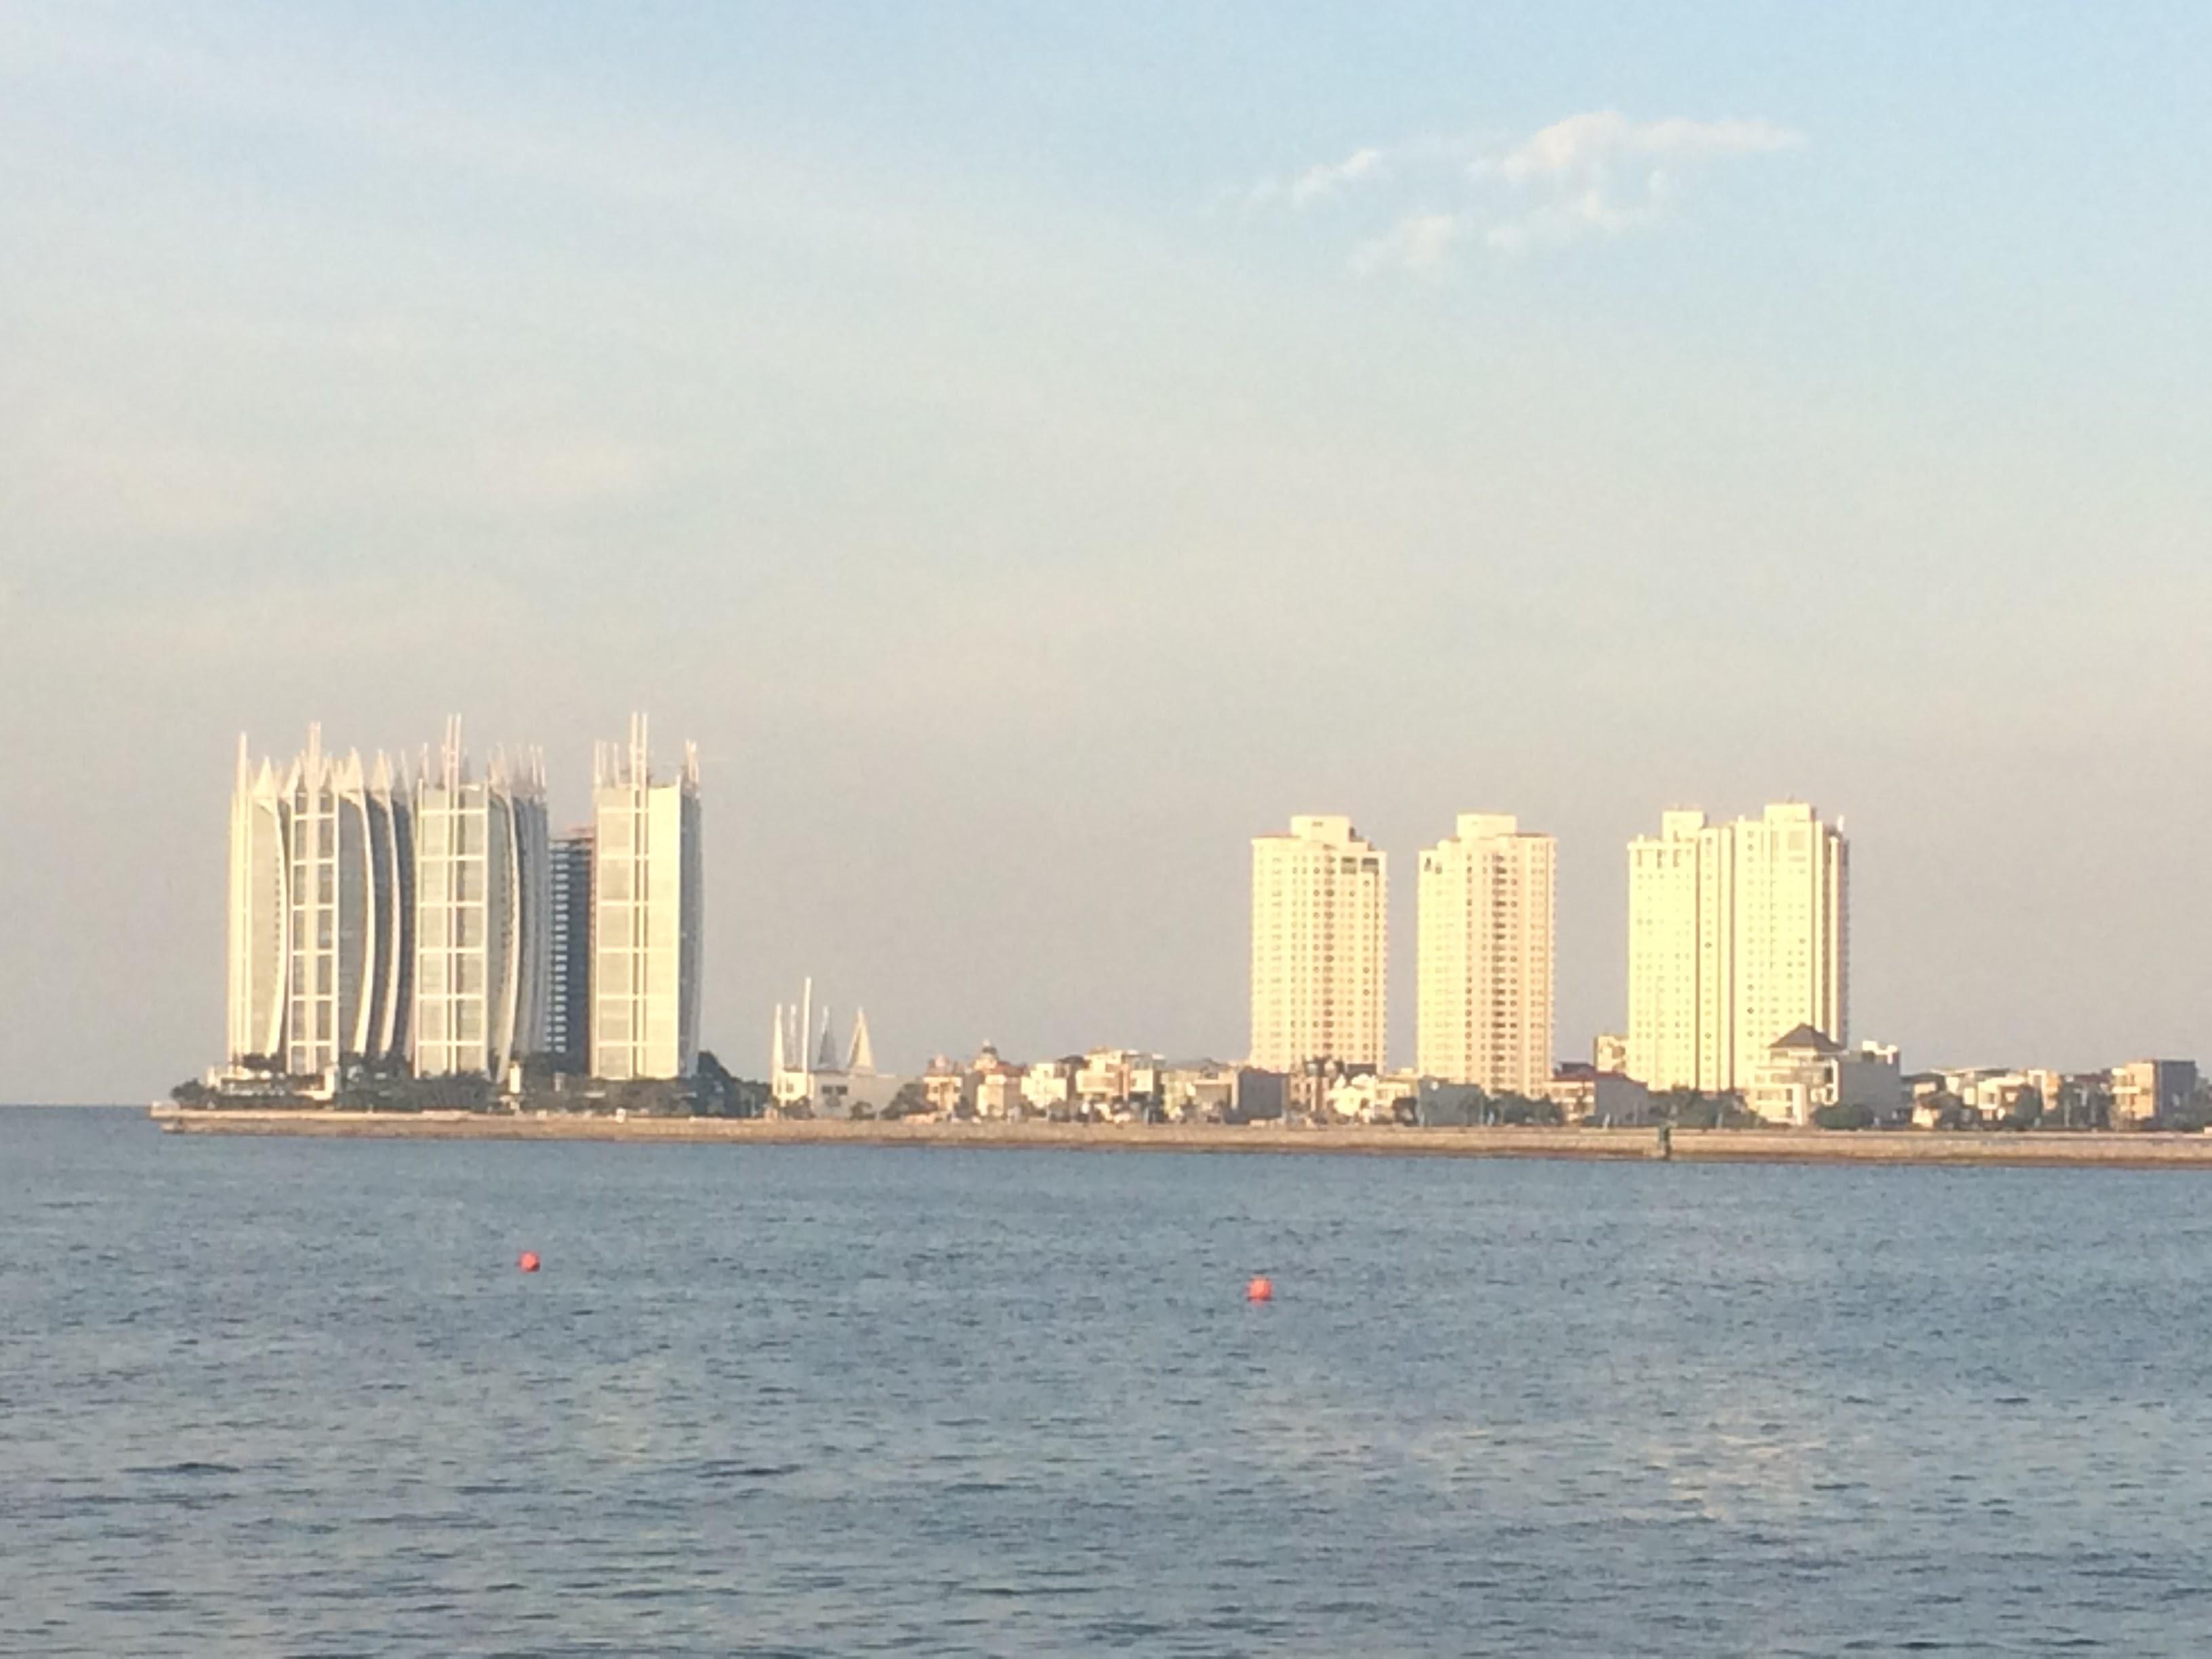 ジャカルタ湾の埋め立てプロジェクト問題(大島空良)